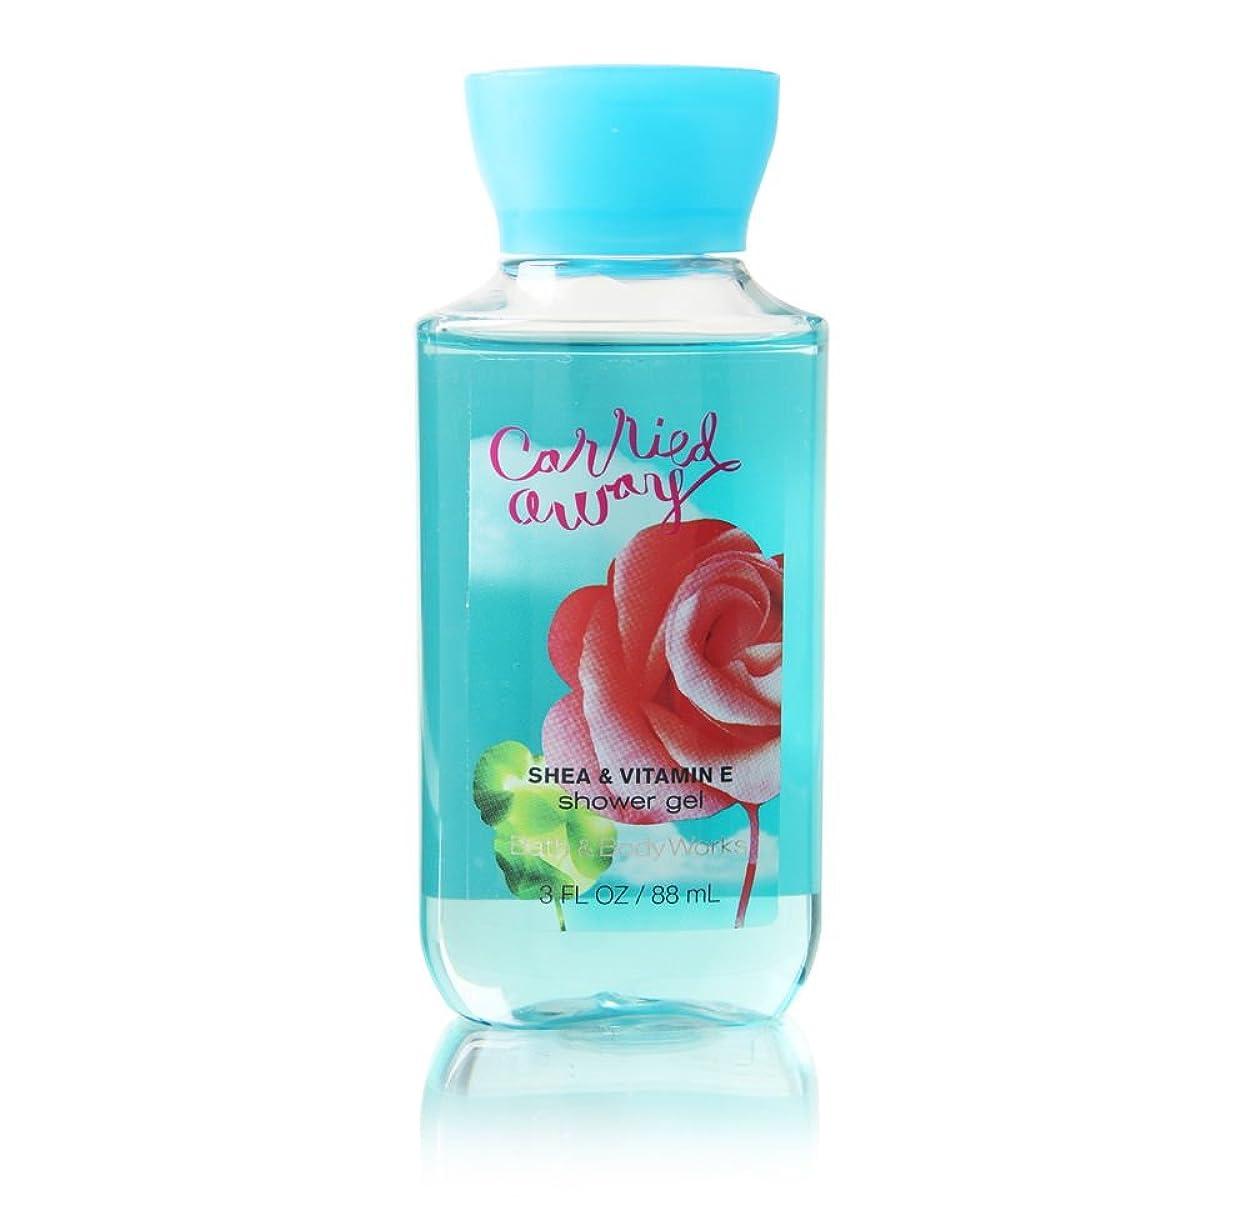 バズ液化する不従順Bath & Body Works (バス&ボディワークス) キャリードアウェイ シャワージェル トラベルサイズ Carried Away shower gel Travel-Size [並行輸入品]